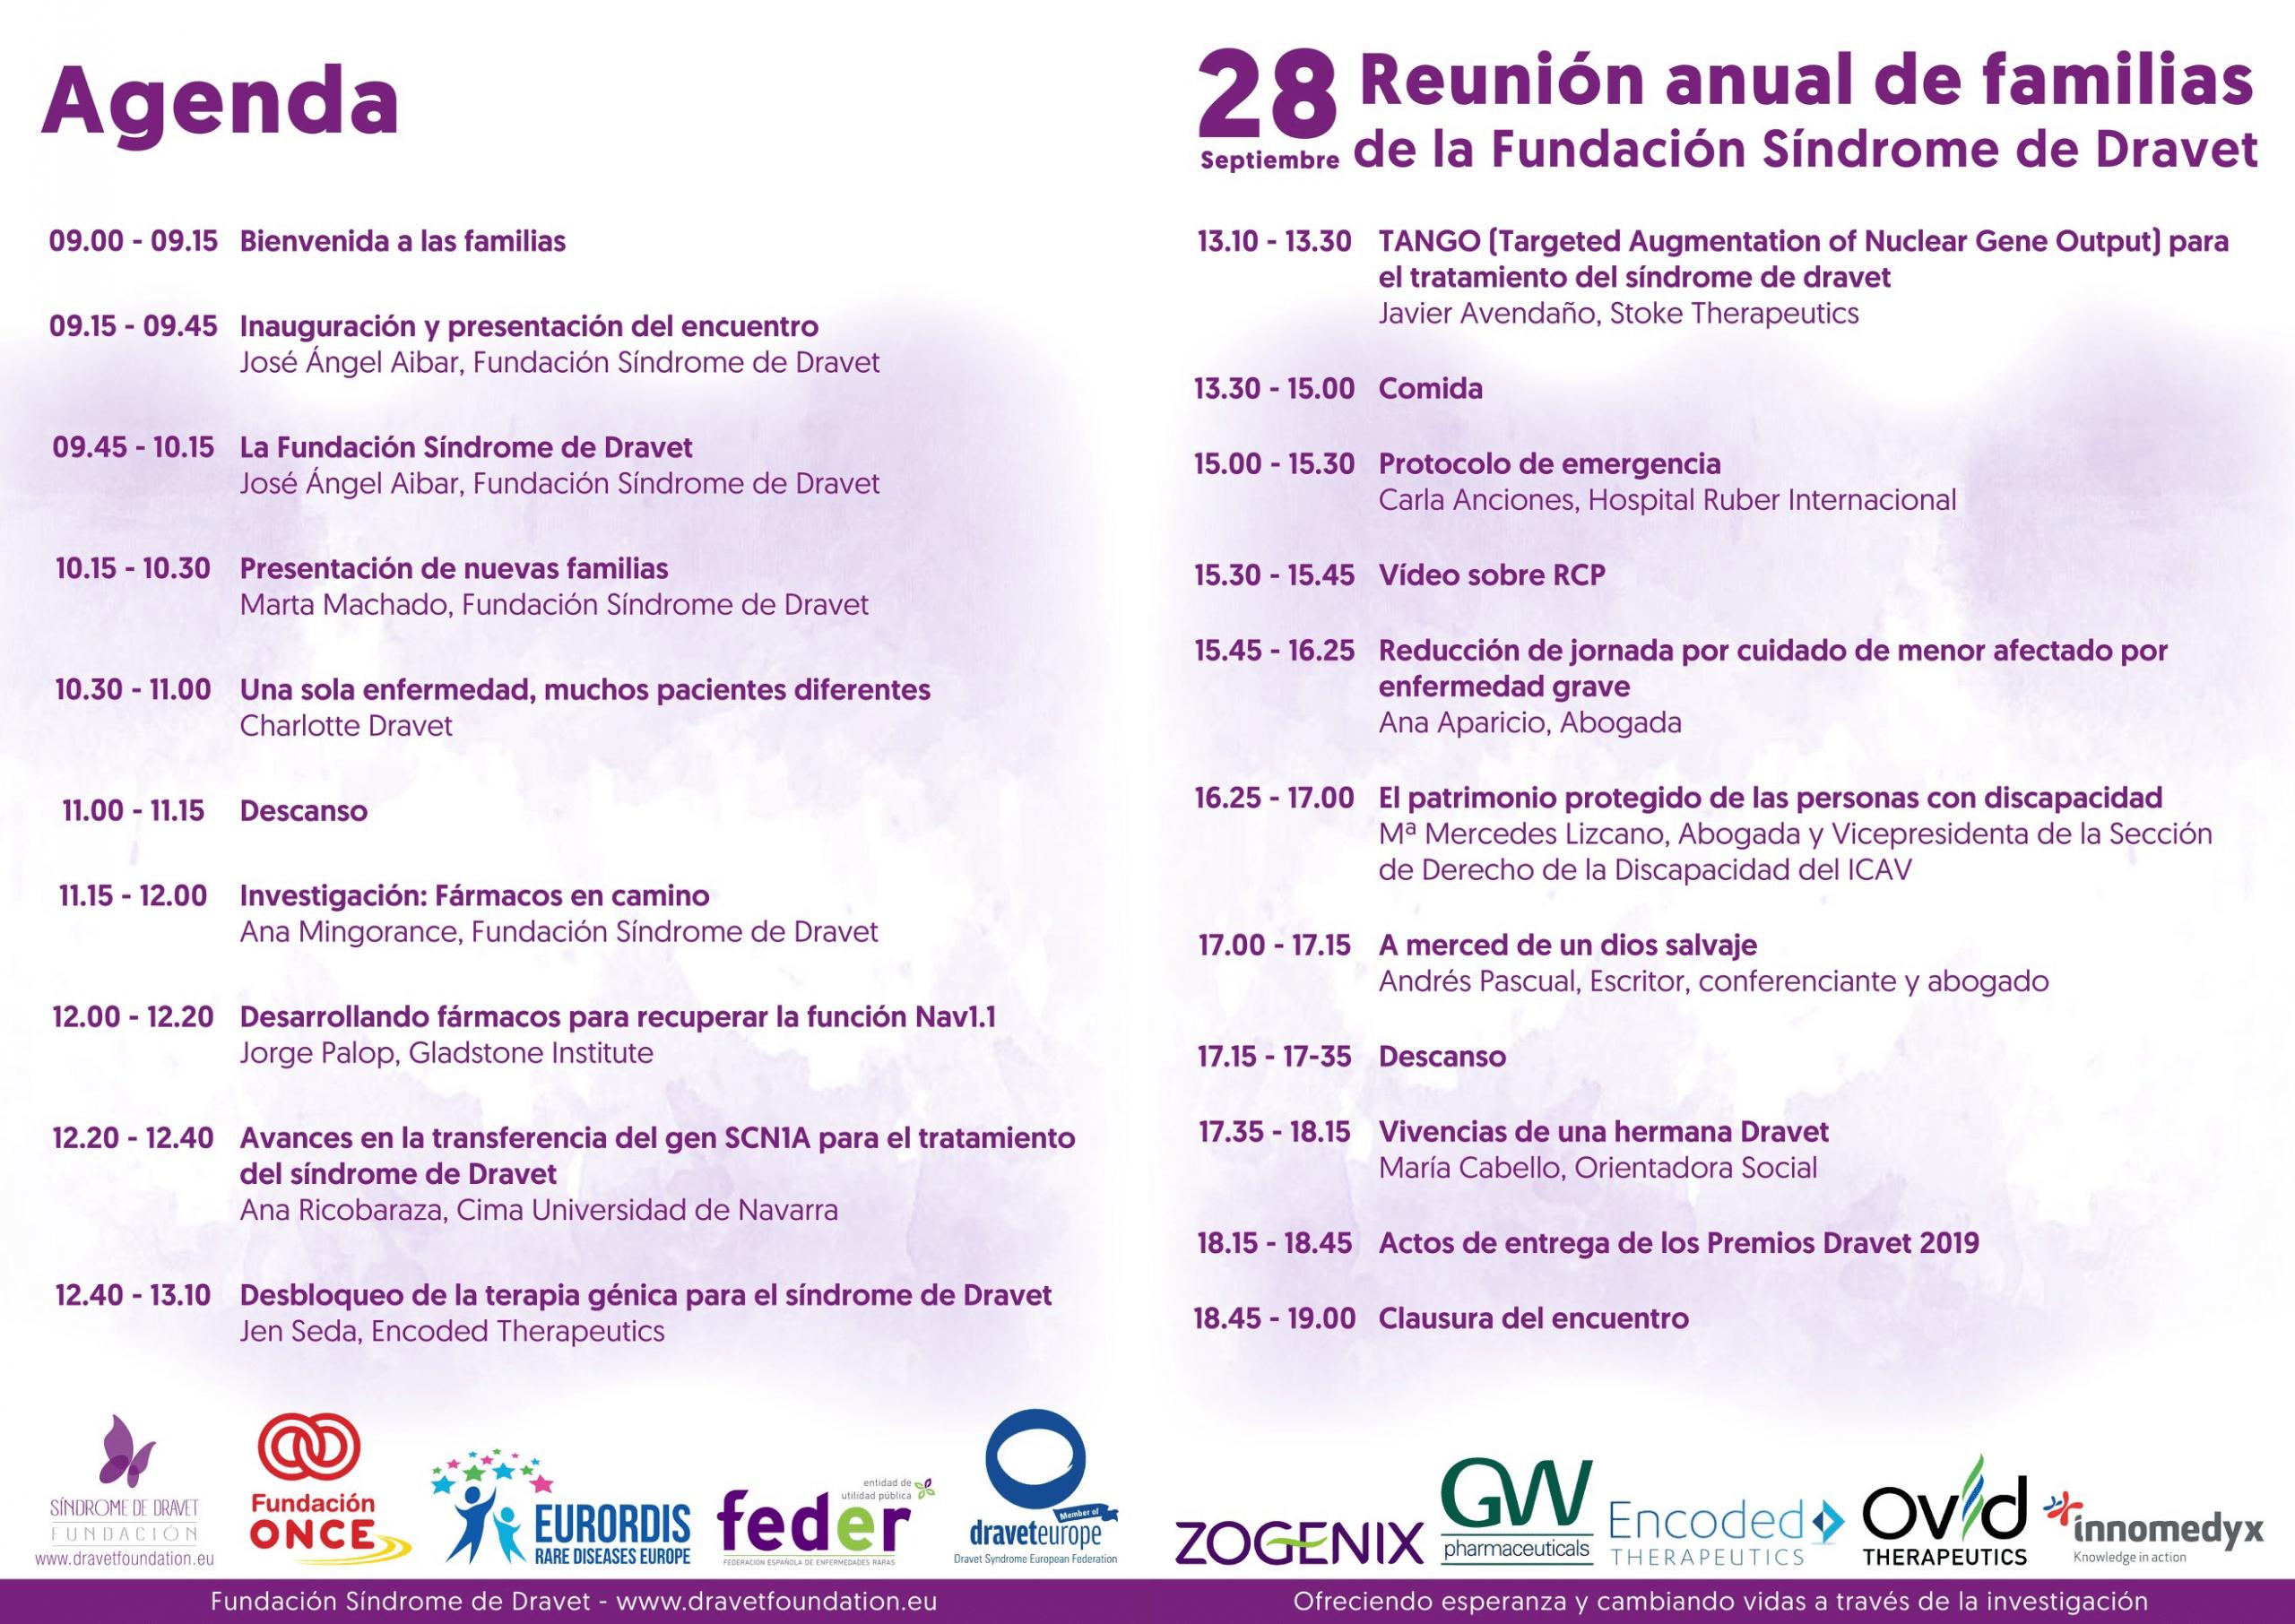 Agenda Reunion Anual de Familias 2019